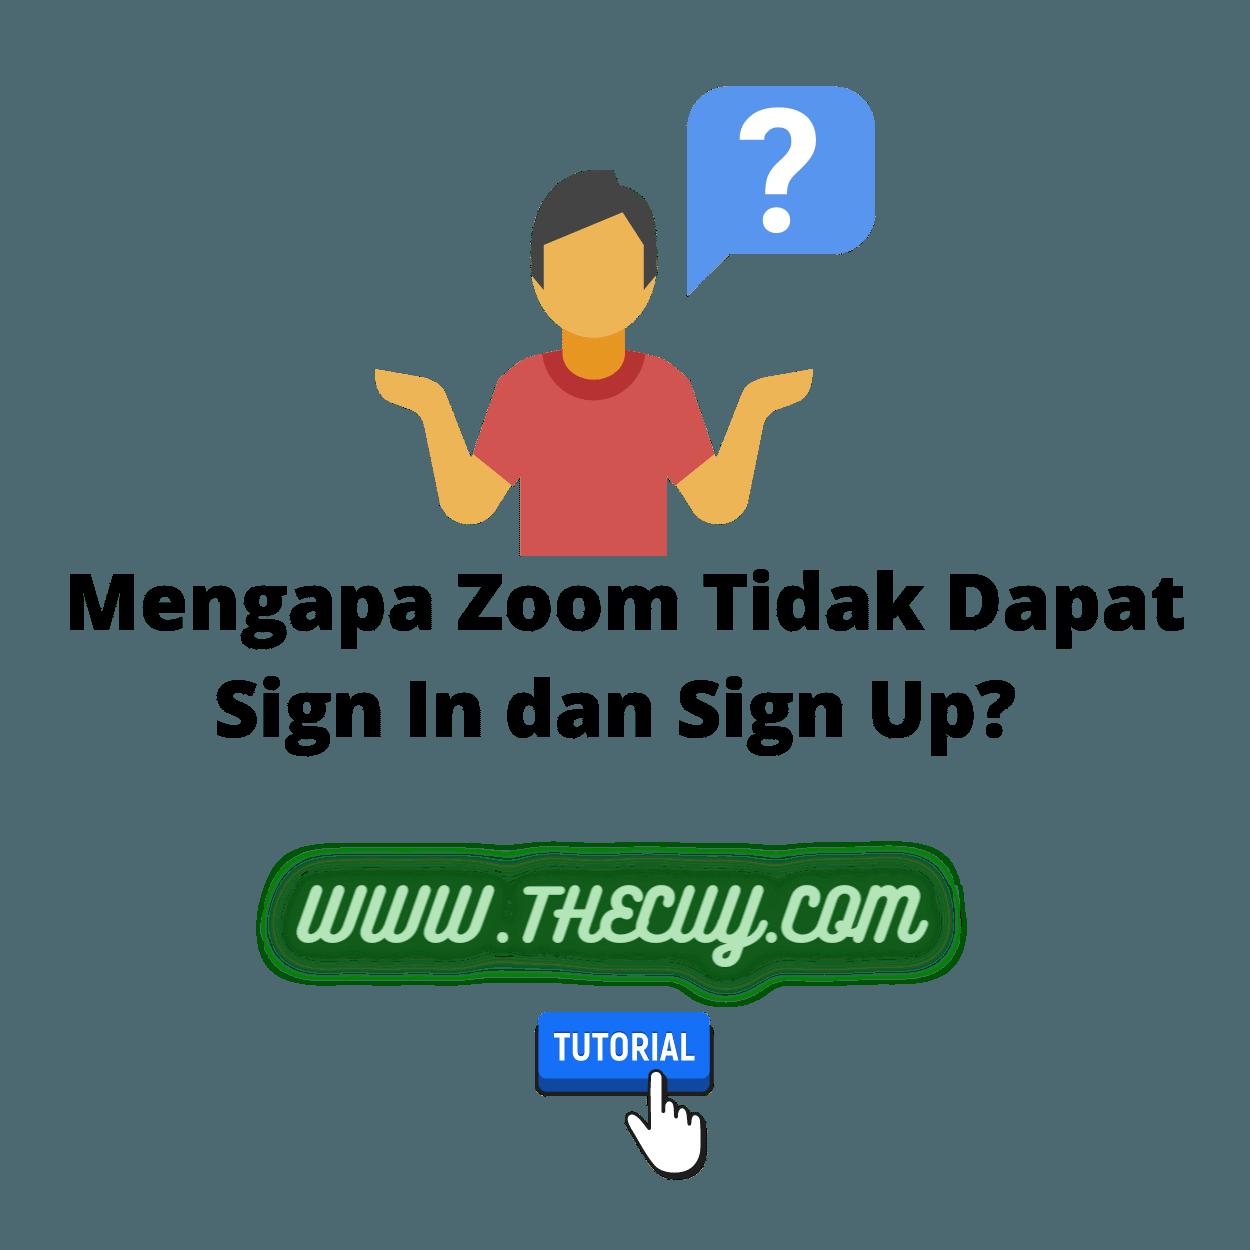 Mengapa Zoom Tidak Dapat Sign In dan Sign Up?